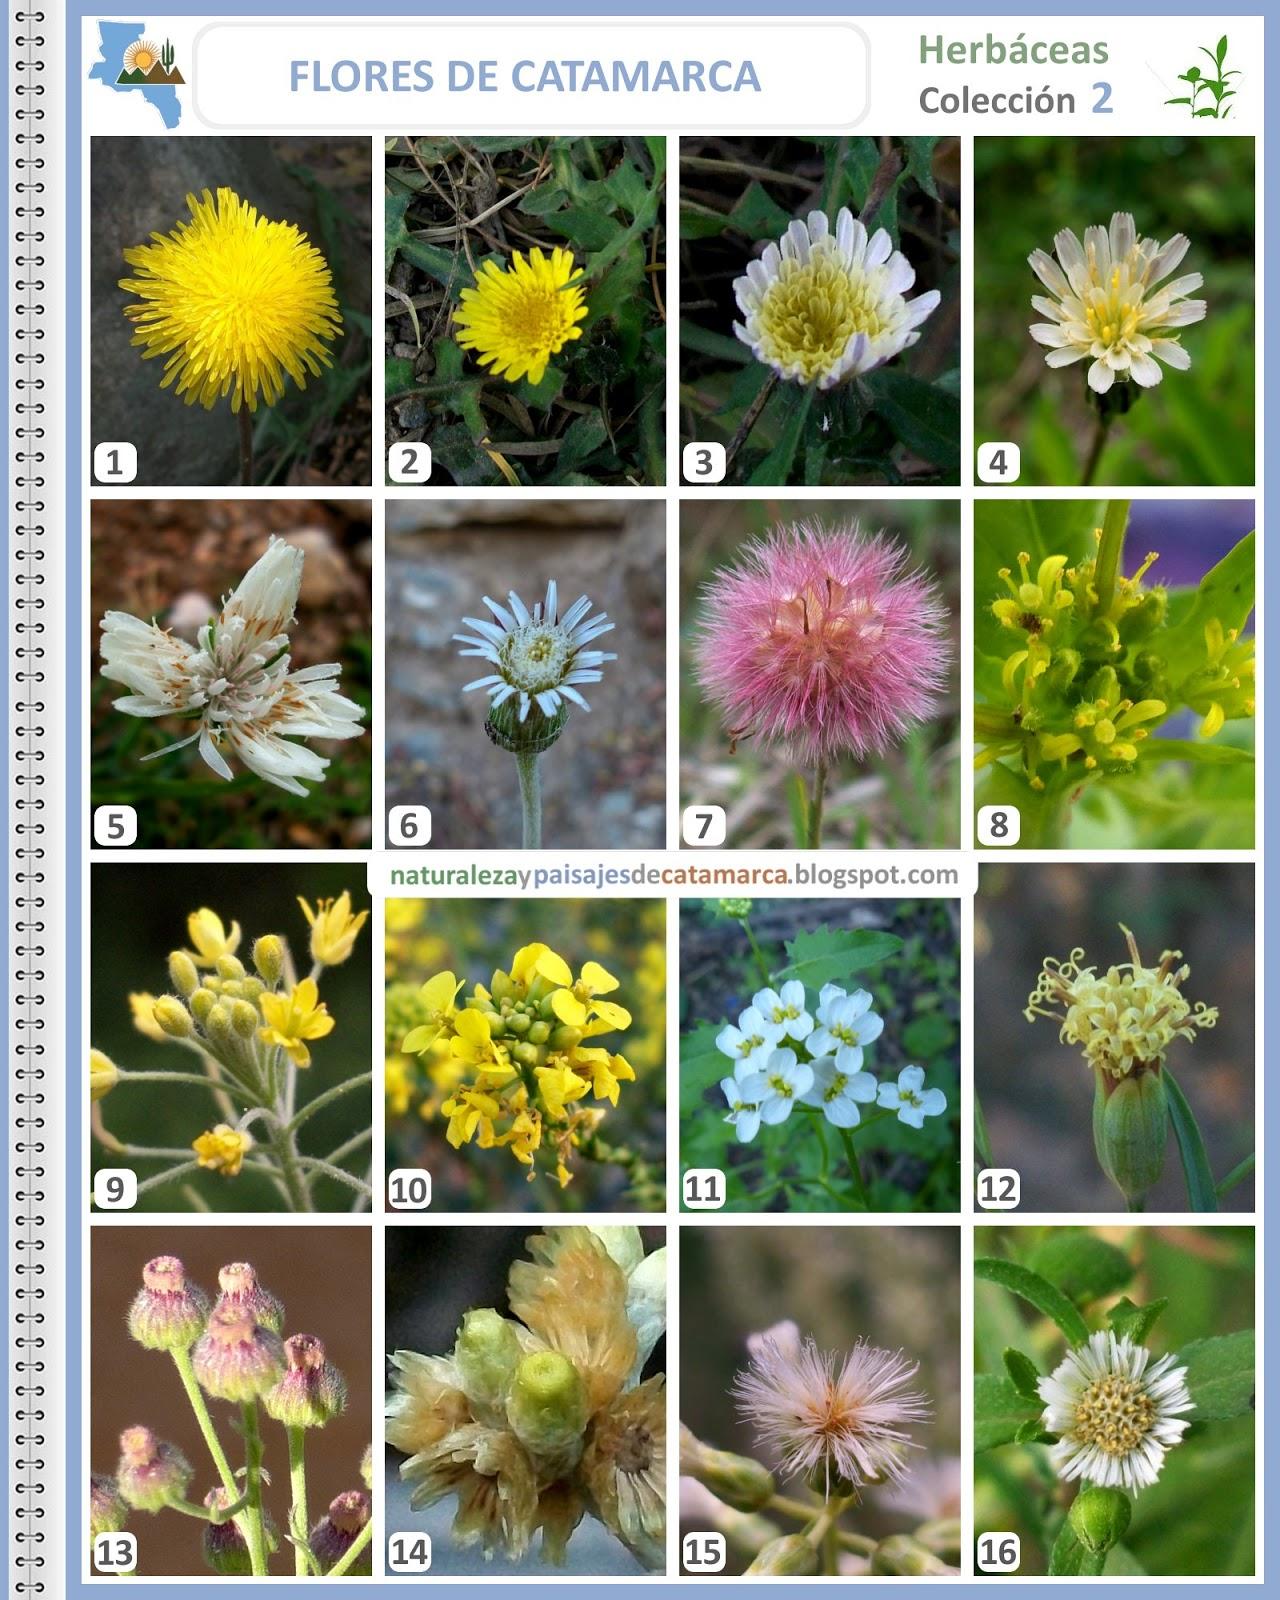 Naturaleza y paisajes de catamarca flores silvestres de for Plantas decorativas con sus nombres